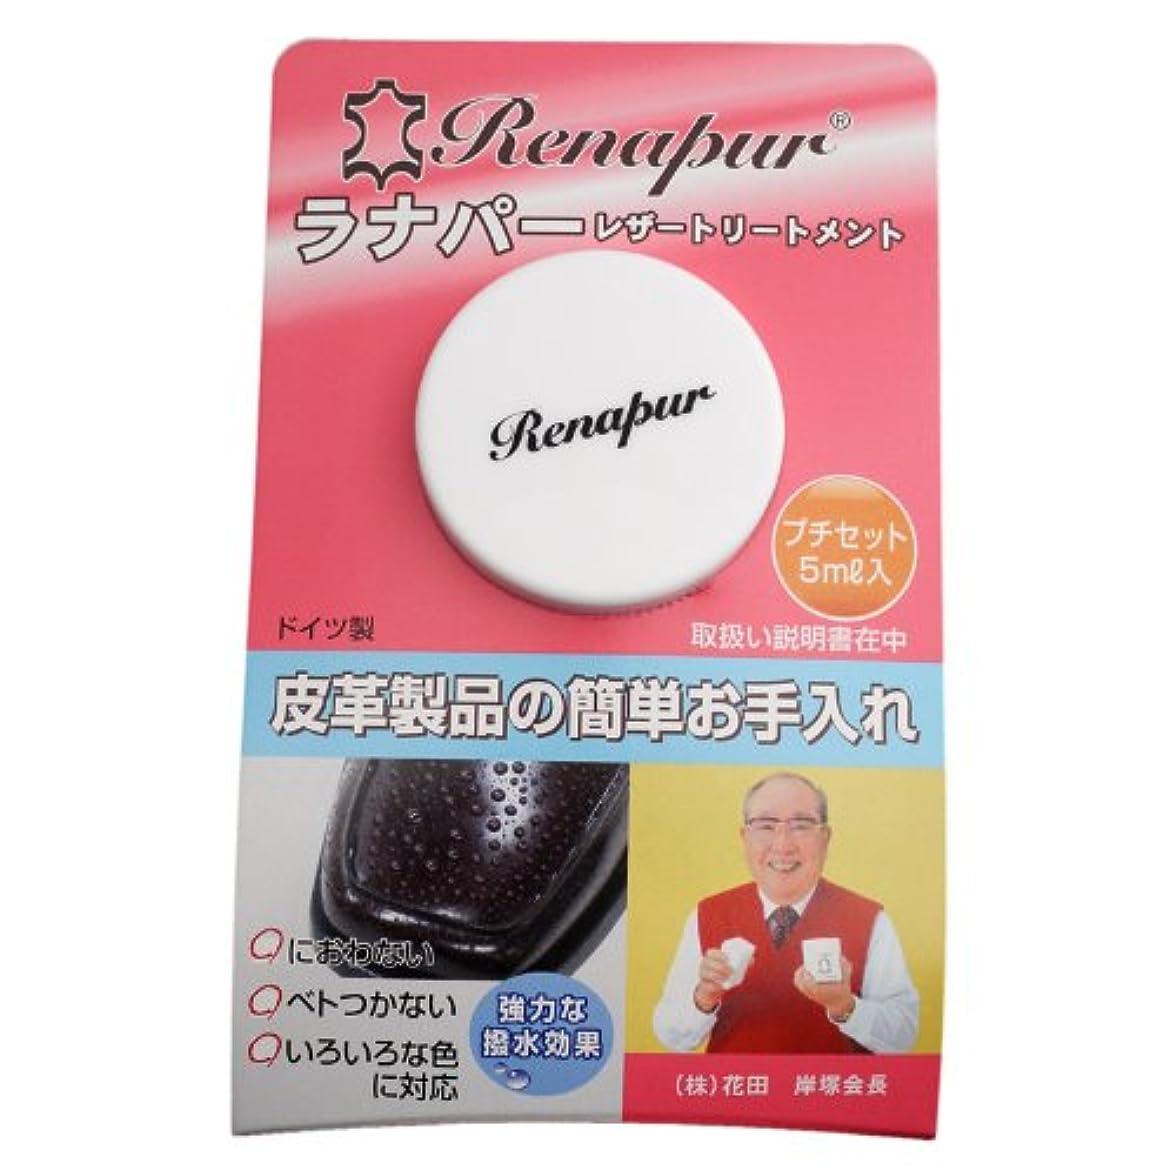 リーズりんご若者[ラナパー] レザートリートメント(5ml、スポンジ1個付) 05